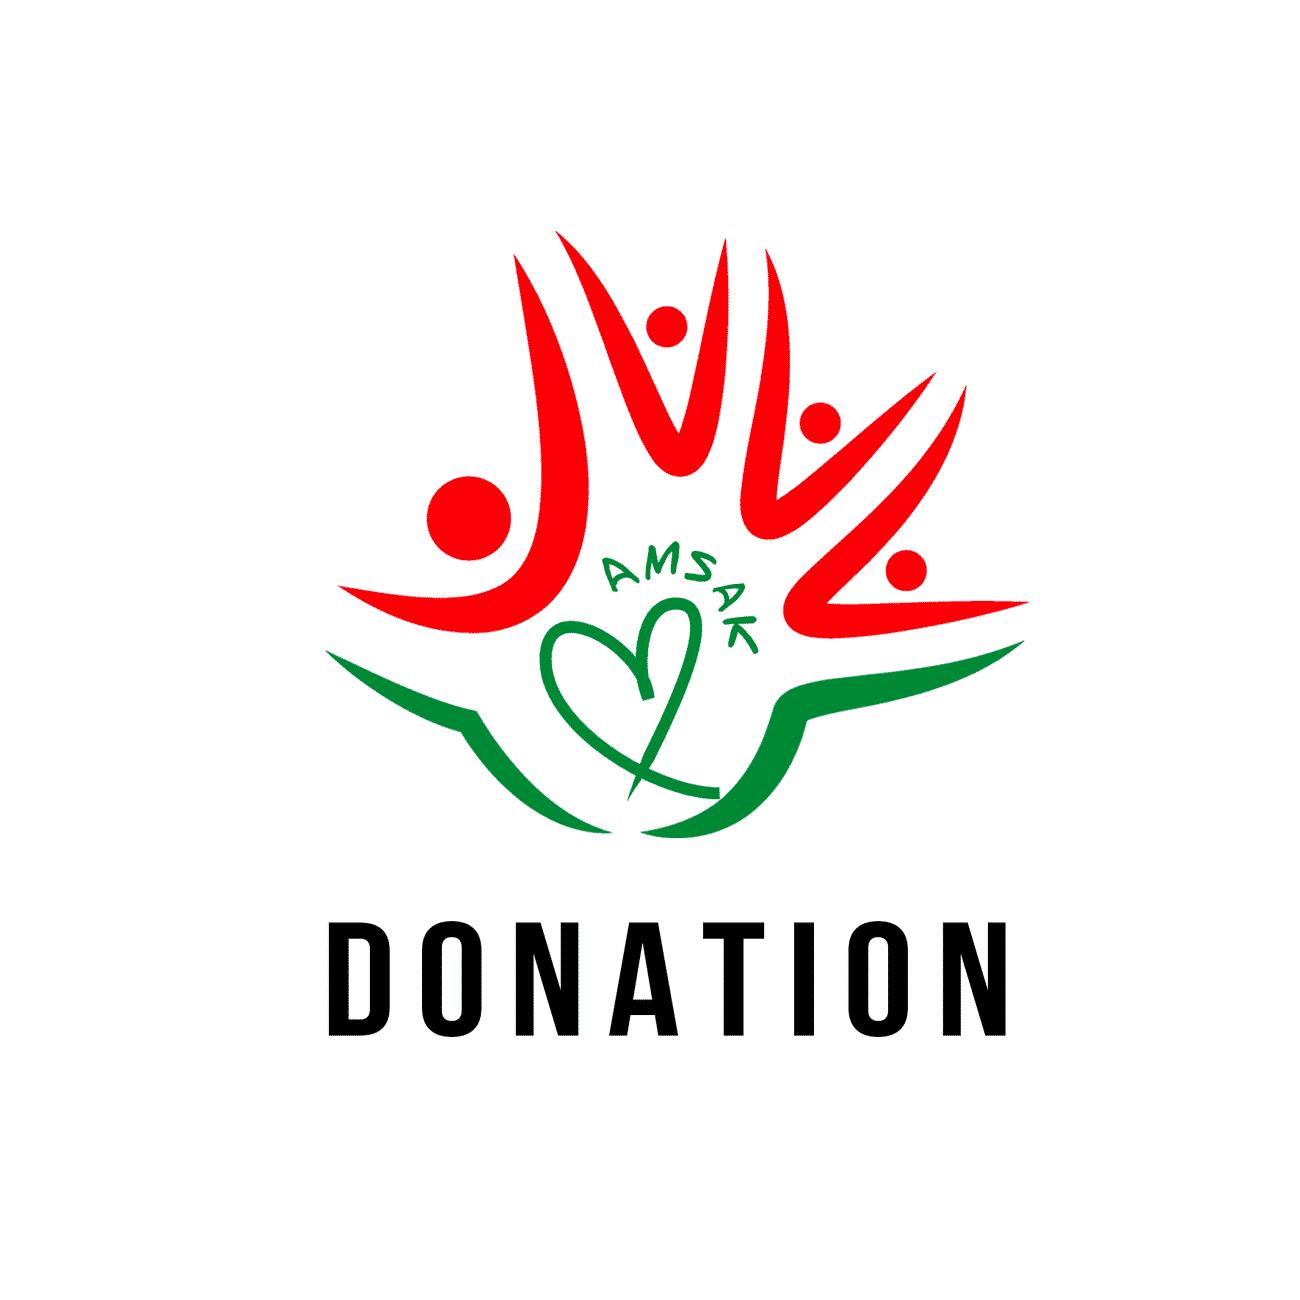 amsak donations e67b5bf4b9dd43ca813e2d9c99f8cb47